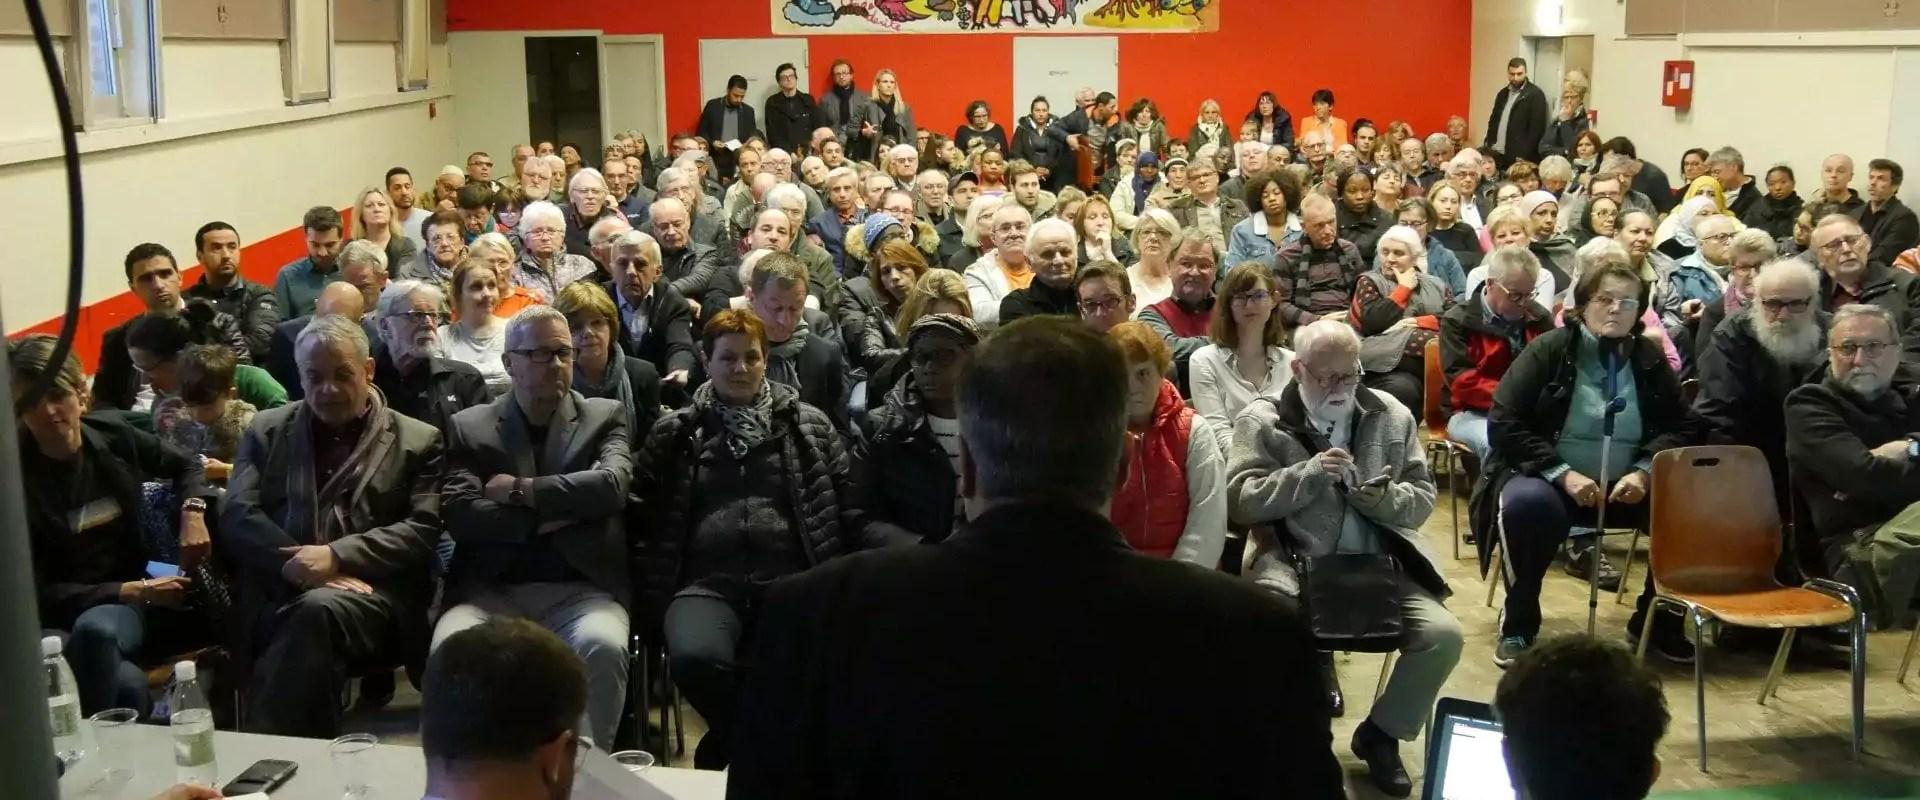 Un mandat de promesses: les habitants de l'Elsau se sentent toujours oubliés